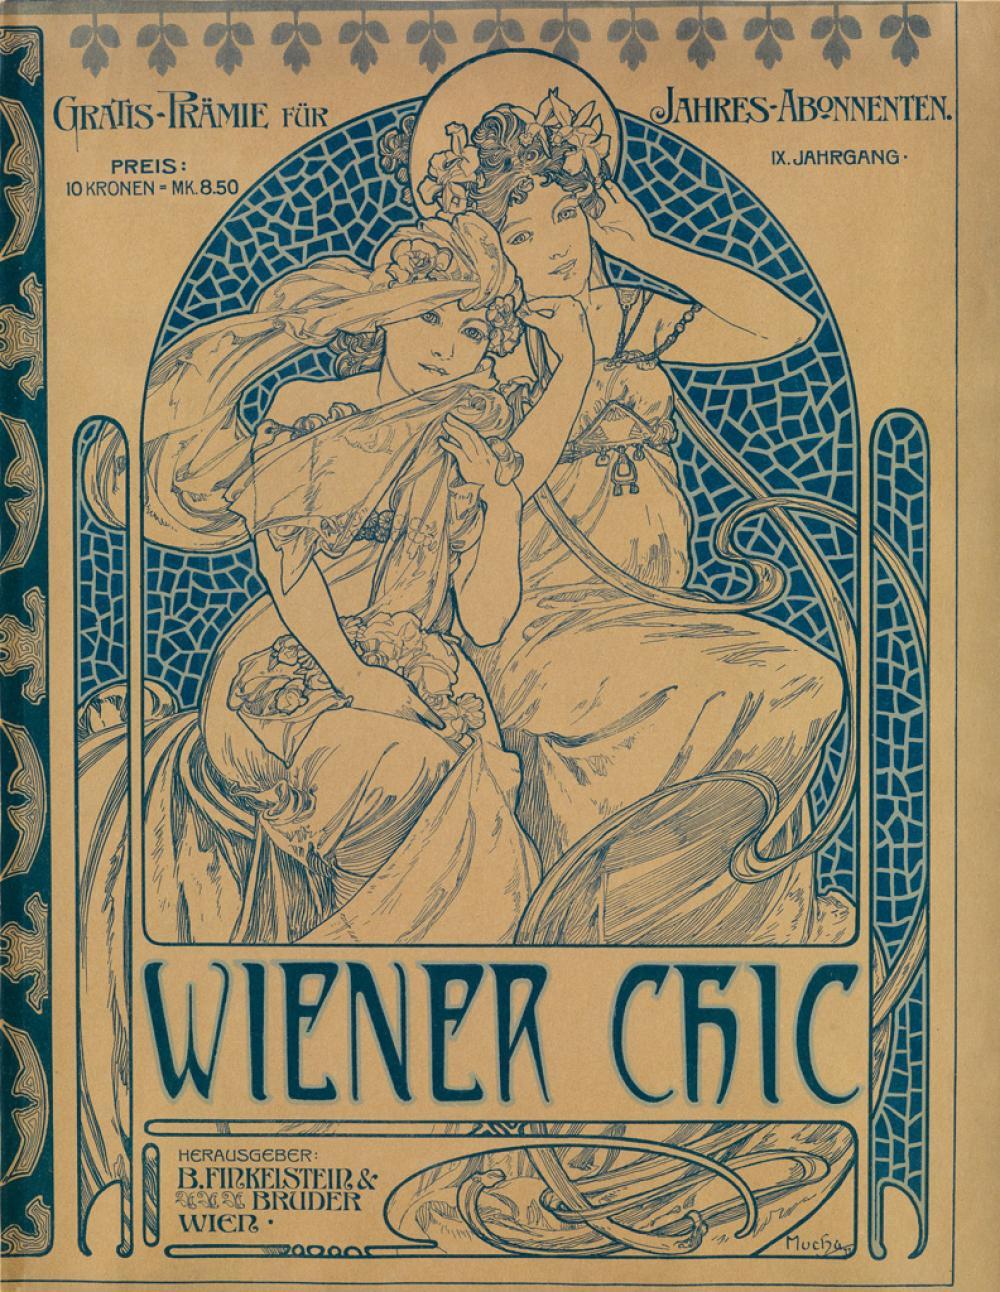 ALPHONSE MUCHA (1860-1939). WIENER CHIC. Magazine cover. 1899. 15x11 inches, 38x29 cm. B. Finkelstein & Bruder, Vienna.